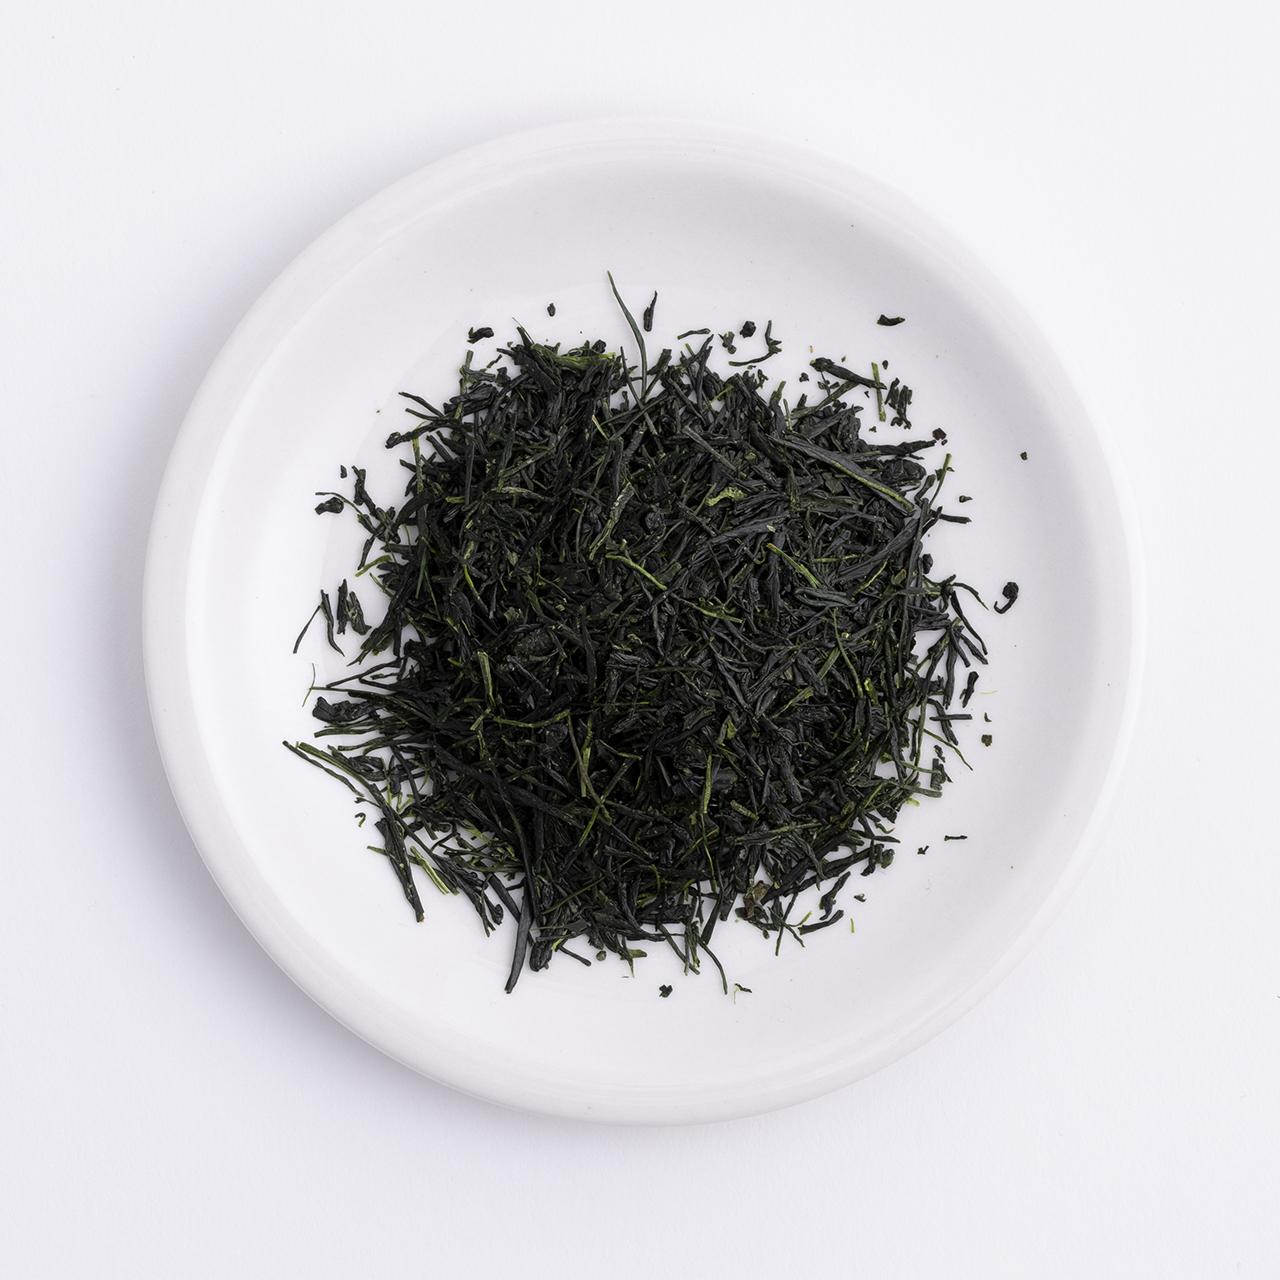 特上かぶせ茶-黒檀-